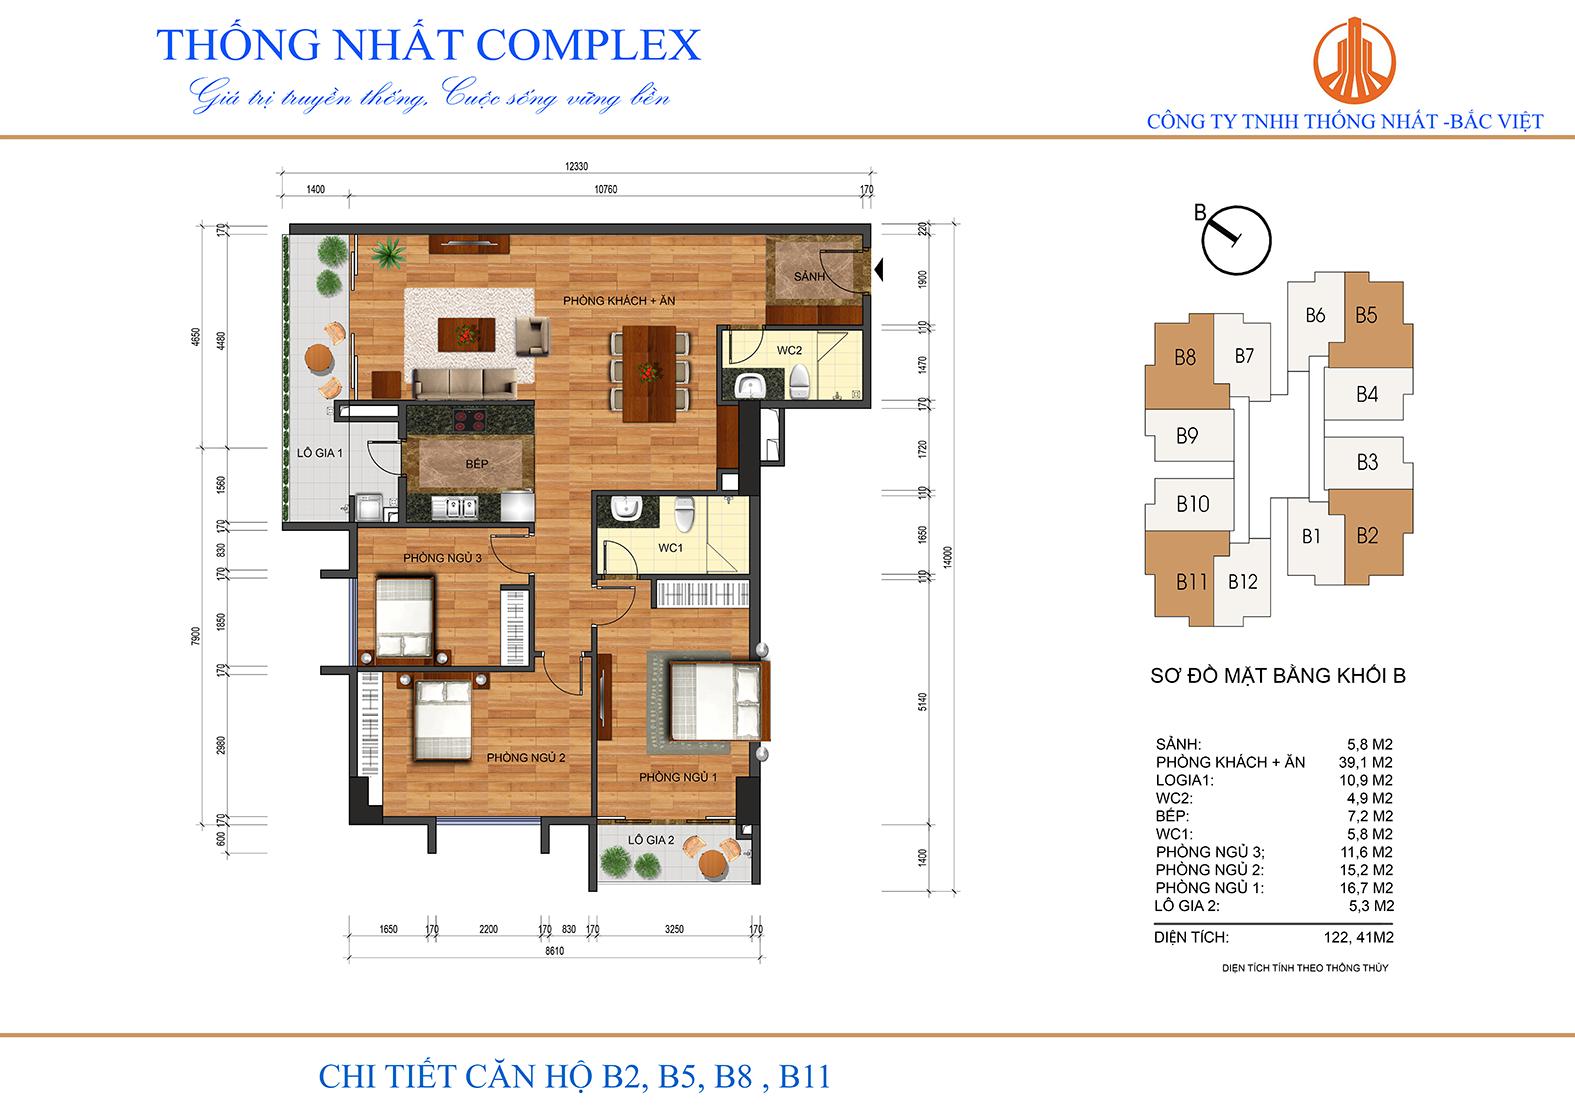 Thiết kế chi tiết căn hộ 122m2 tại chung cư Thống Nhất Complex